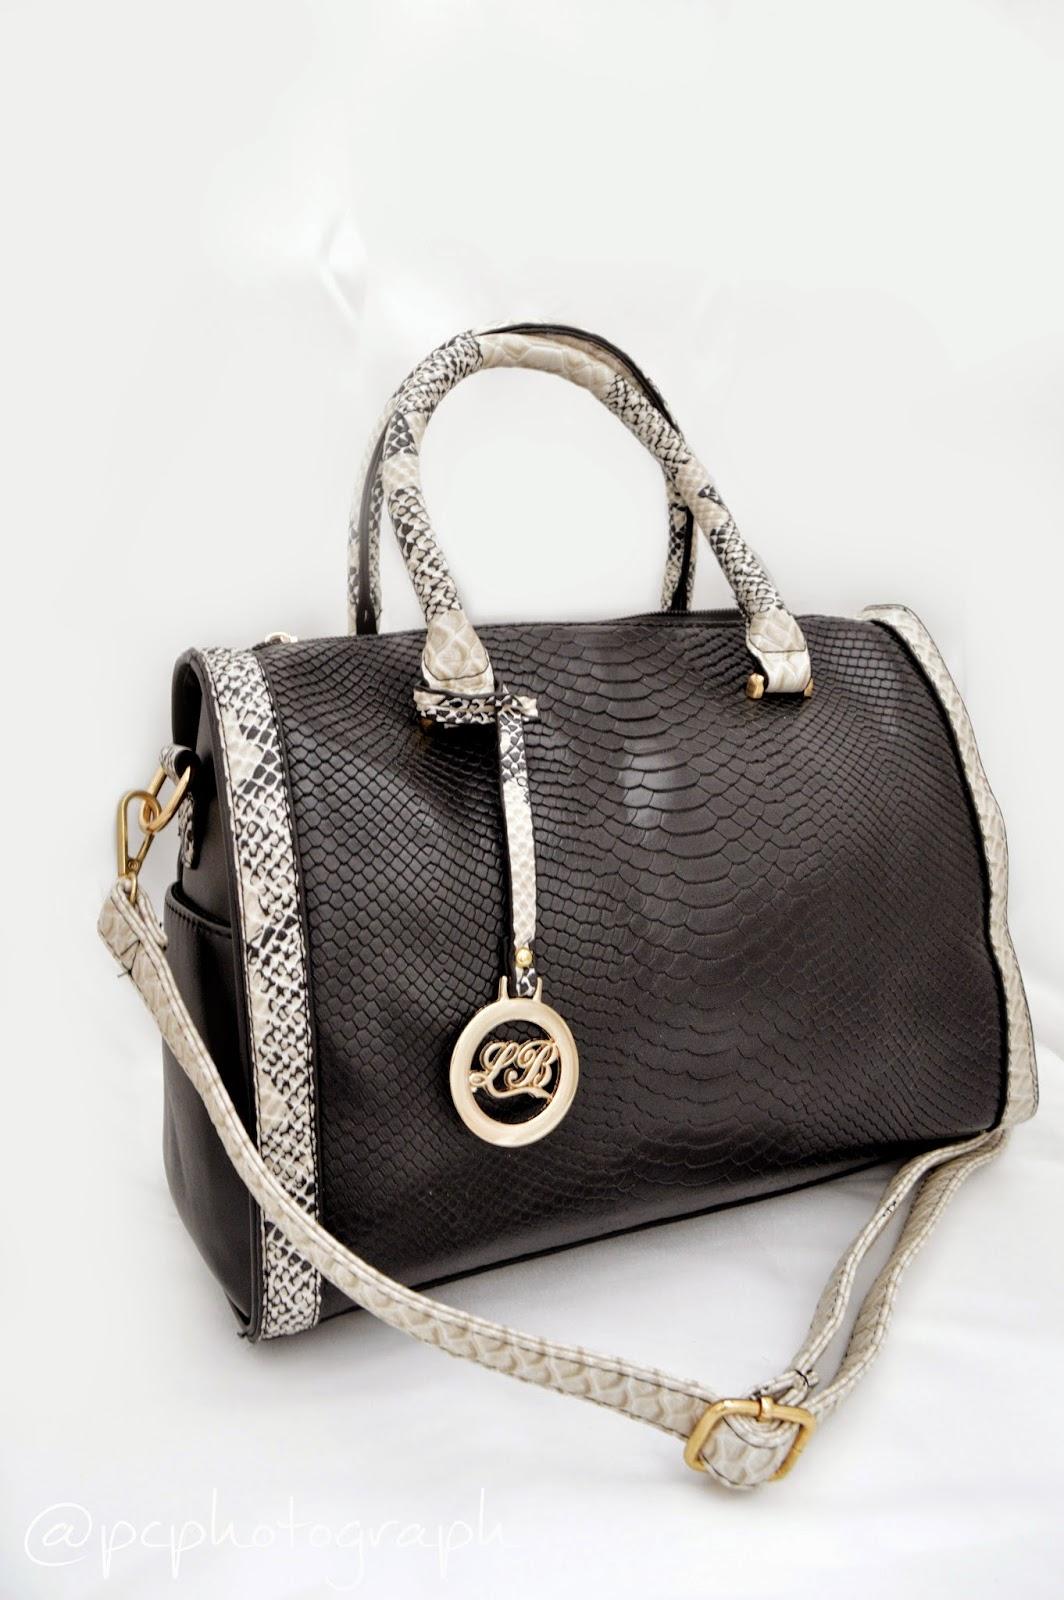 Fashion tas murah dan berkualitas dapatkan di perfect corner